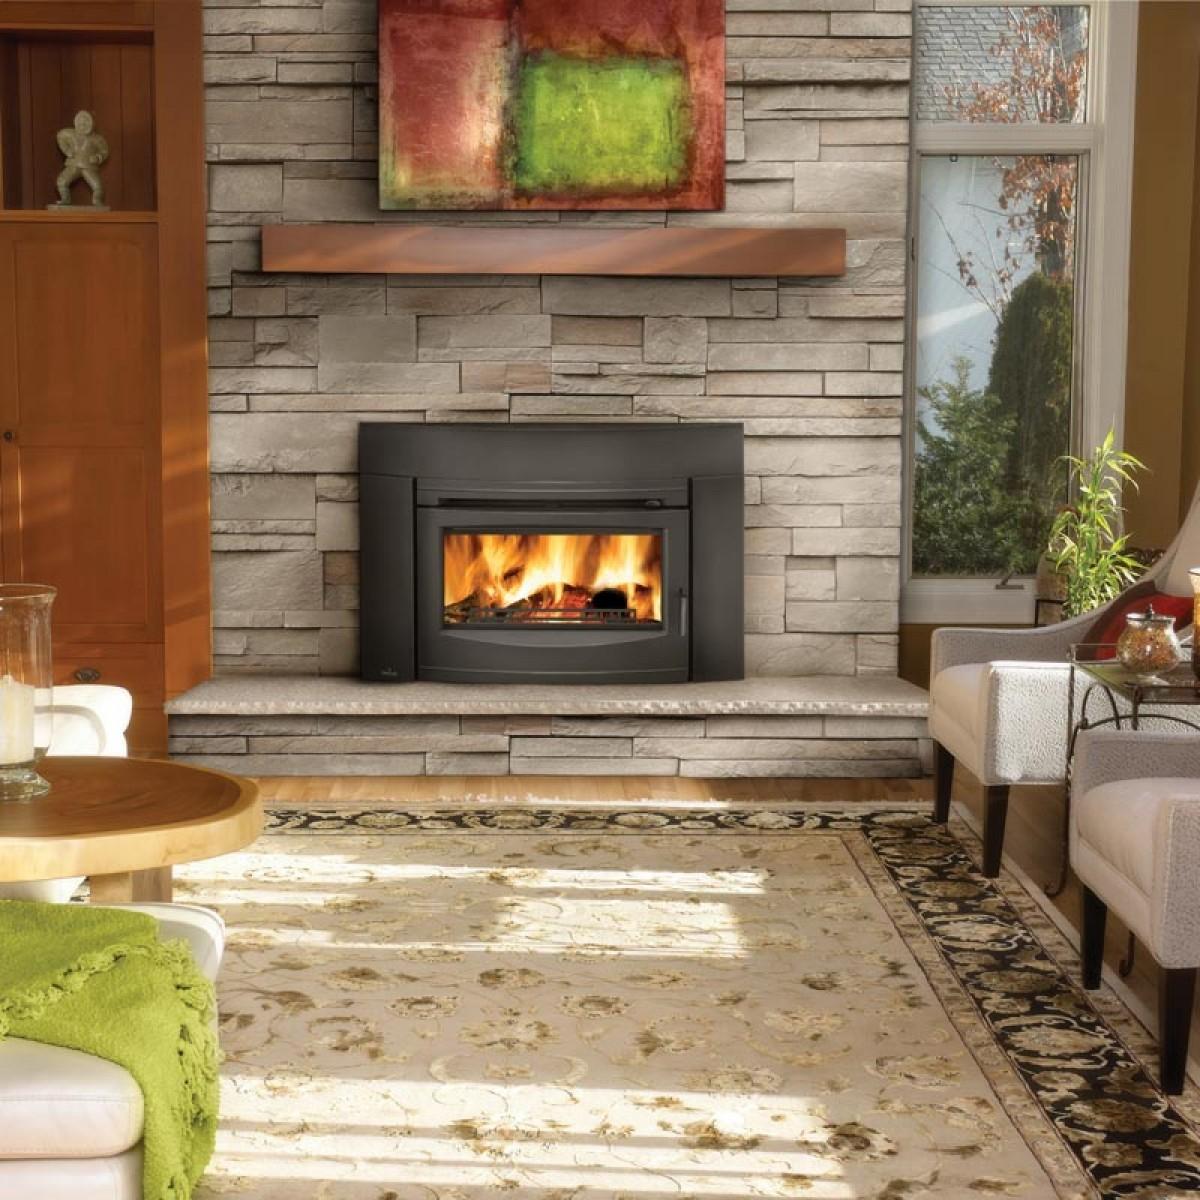 Napoleon EPI3 Wood Burning Fireplace insert W/Cast Iron